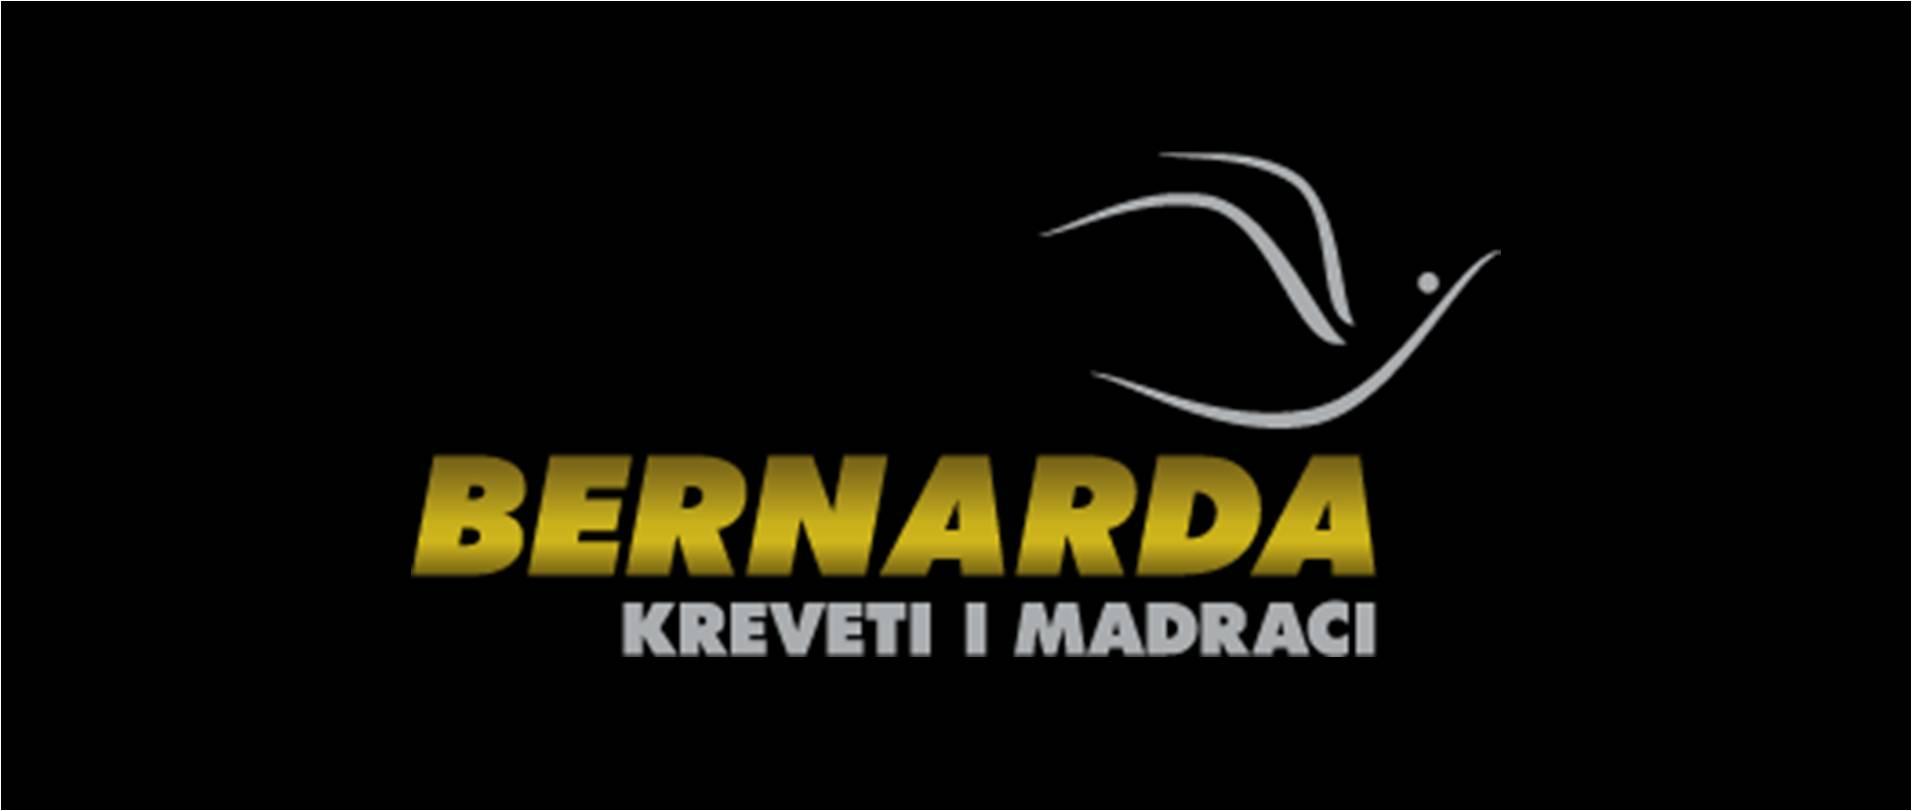 BERNARDA WEB 3